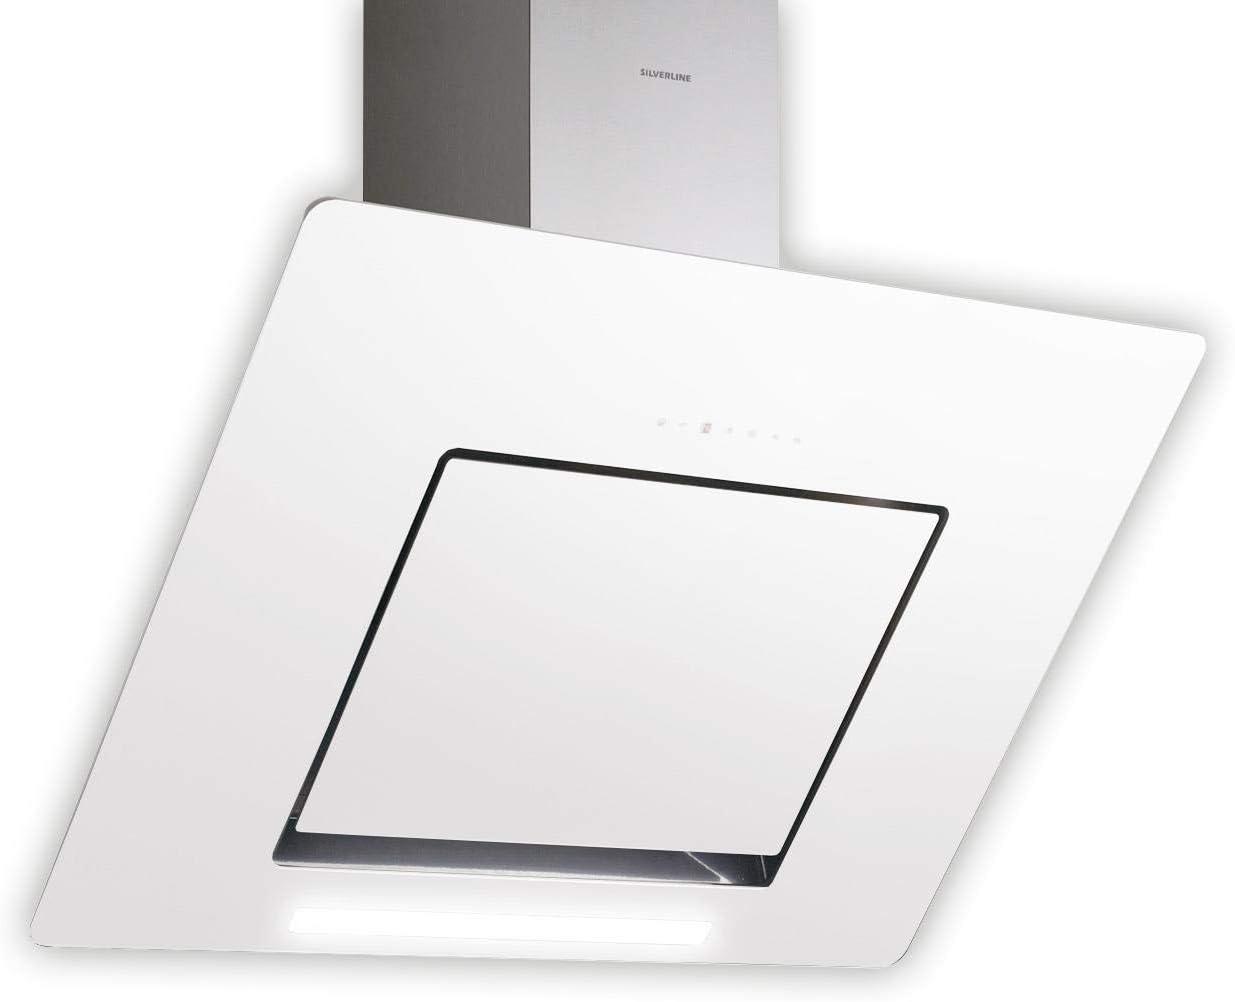 Silverline Andromeda Deluxe ANW 885.3W/pared Campana/acero inoxidable/cristal//blanco/80cm/cabeza libre/B